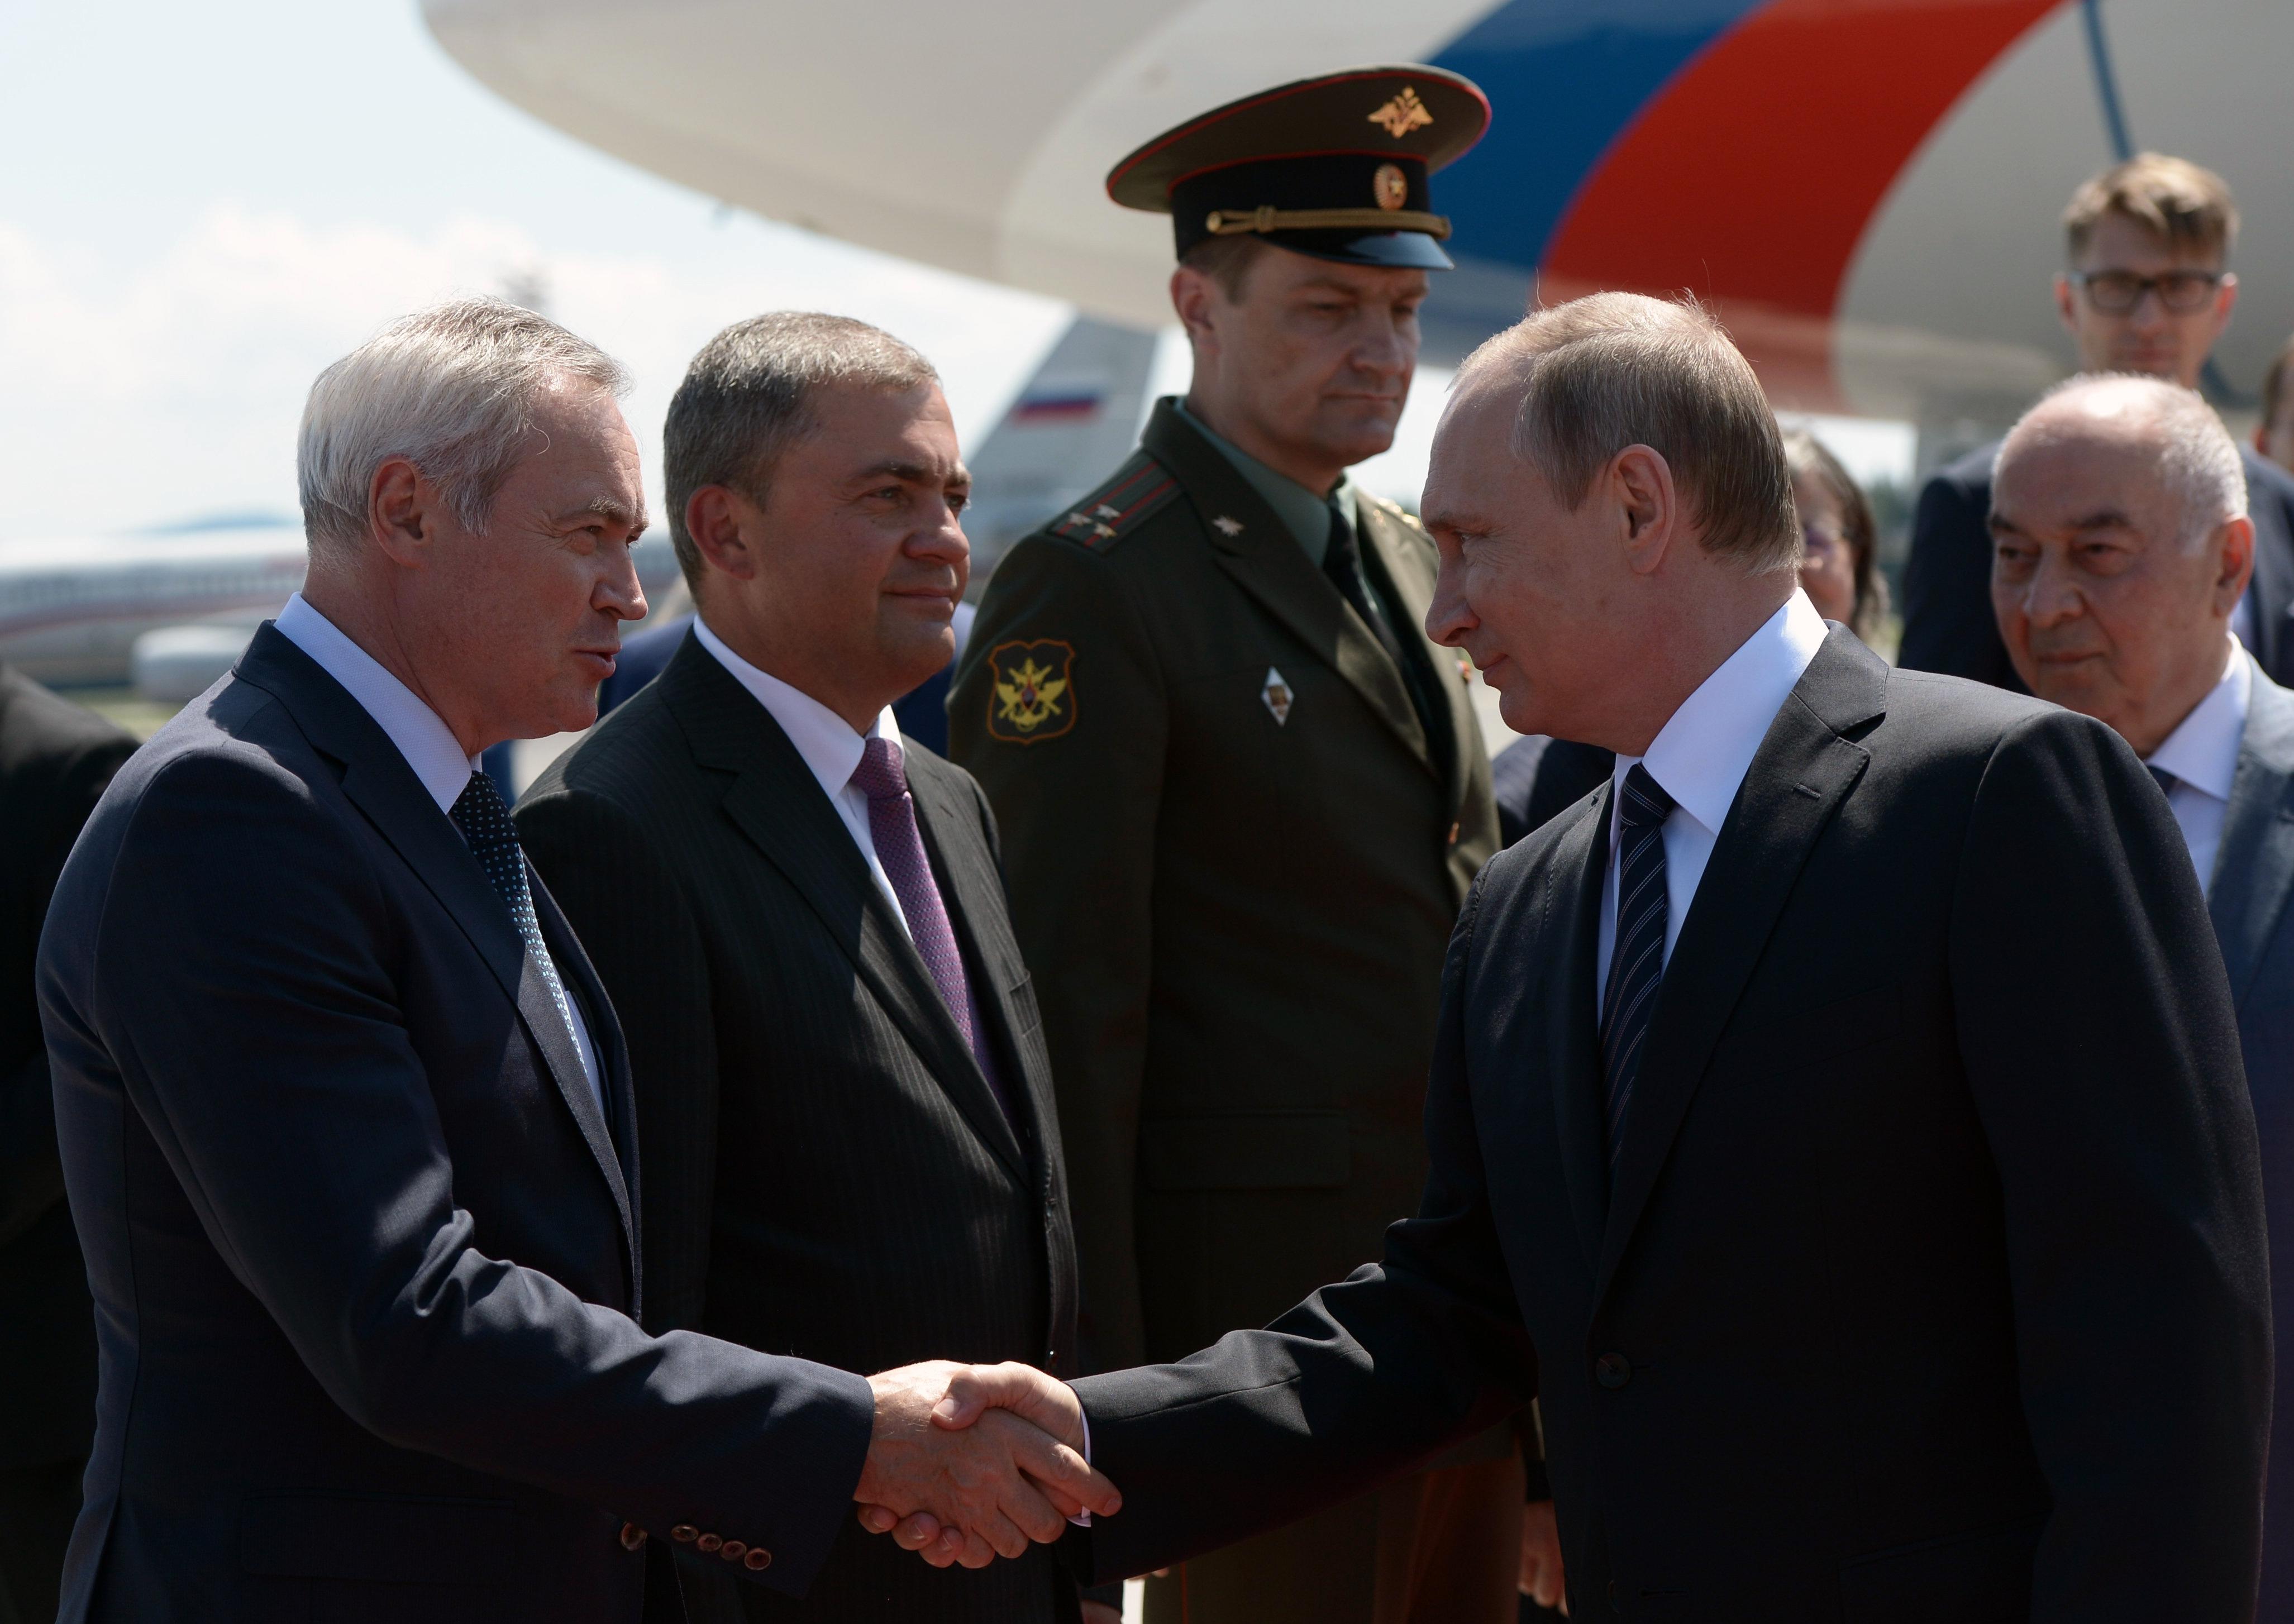 Ruski predsednik Vladimir Putin, ko je pristal na letališču Jožeta Pučnika v Ljubljani.